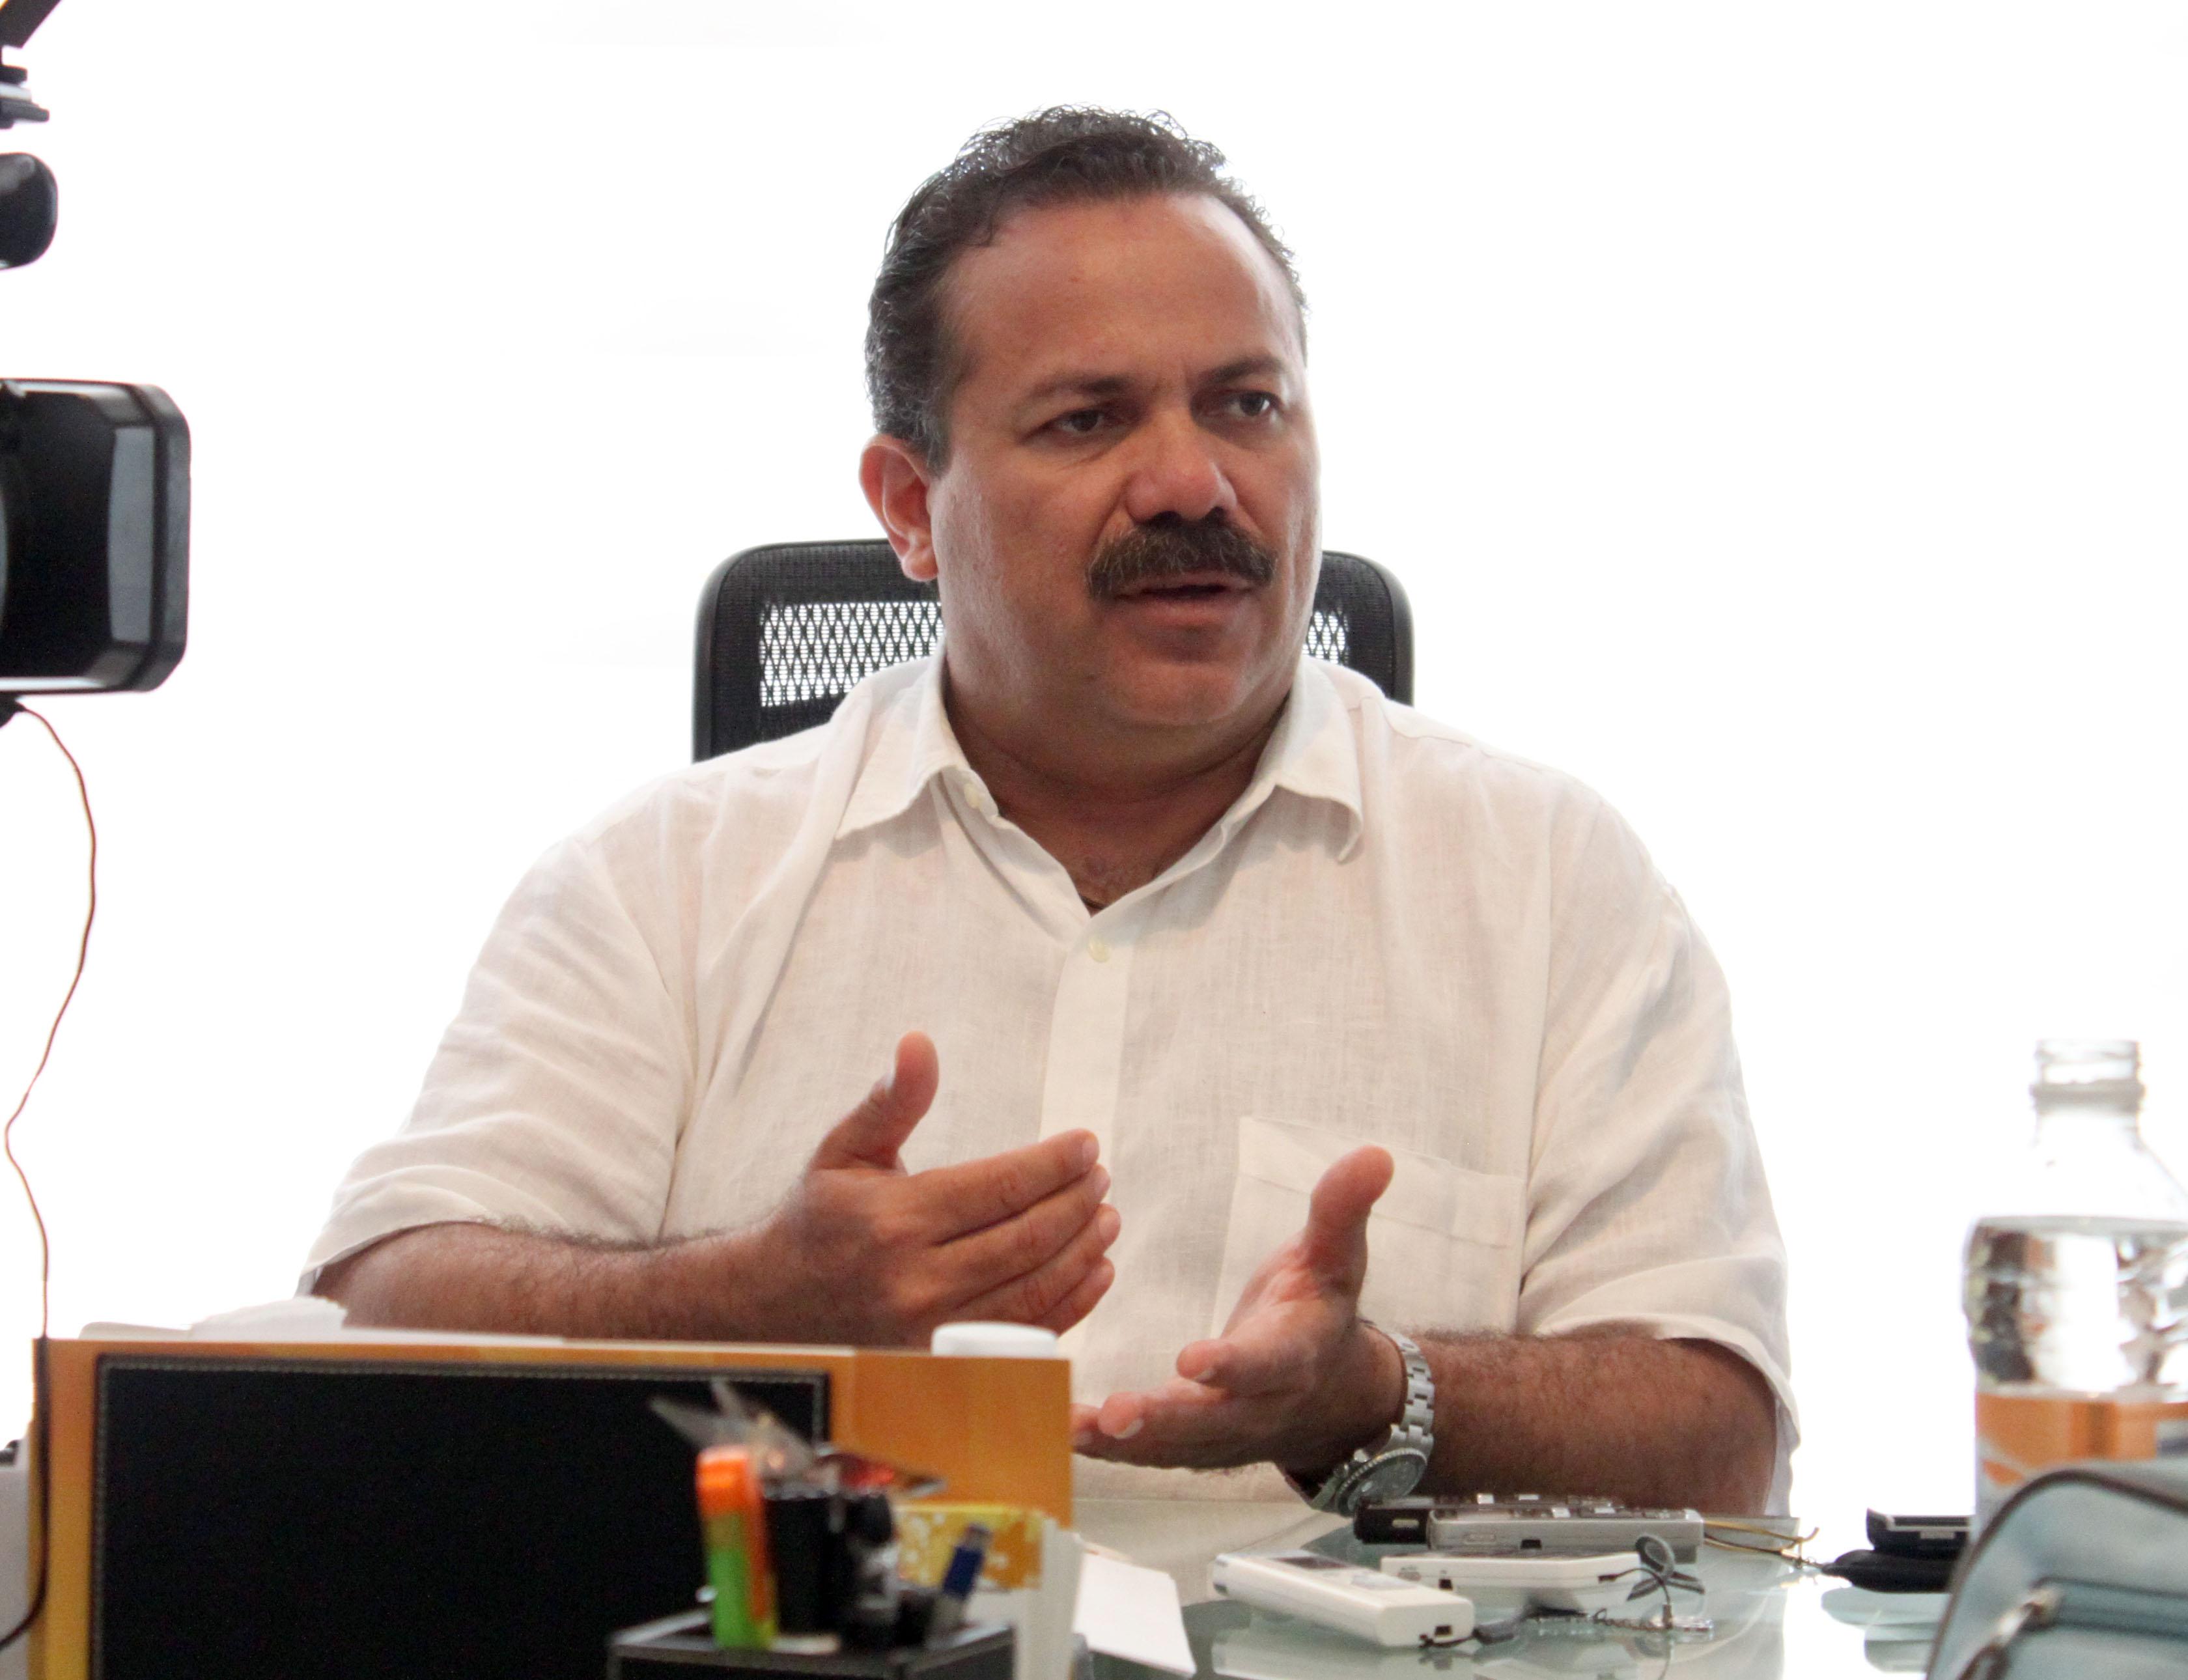 """SIGUE DISPUTA POR DINERO PÚBLICO: Evidencia retención de recursos a Cancún """"mal manejo de las finanzas"""" del Gobierno de Borge, acusa Julián Ricalde"""